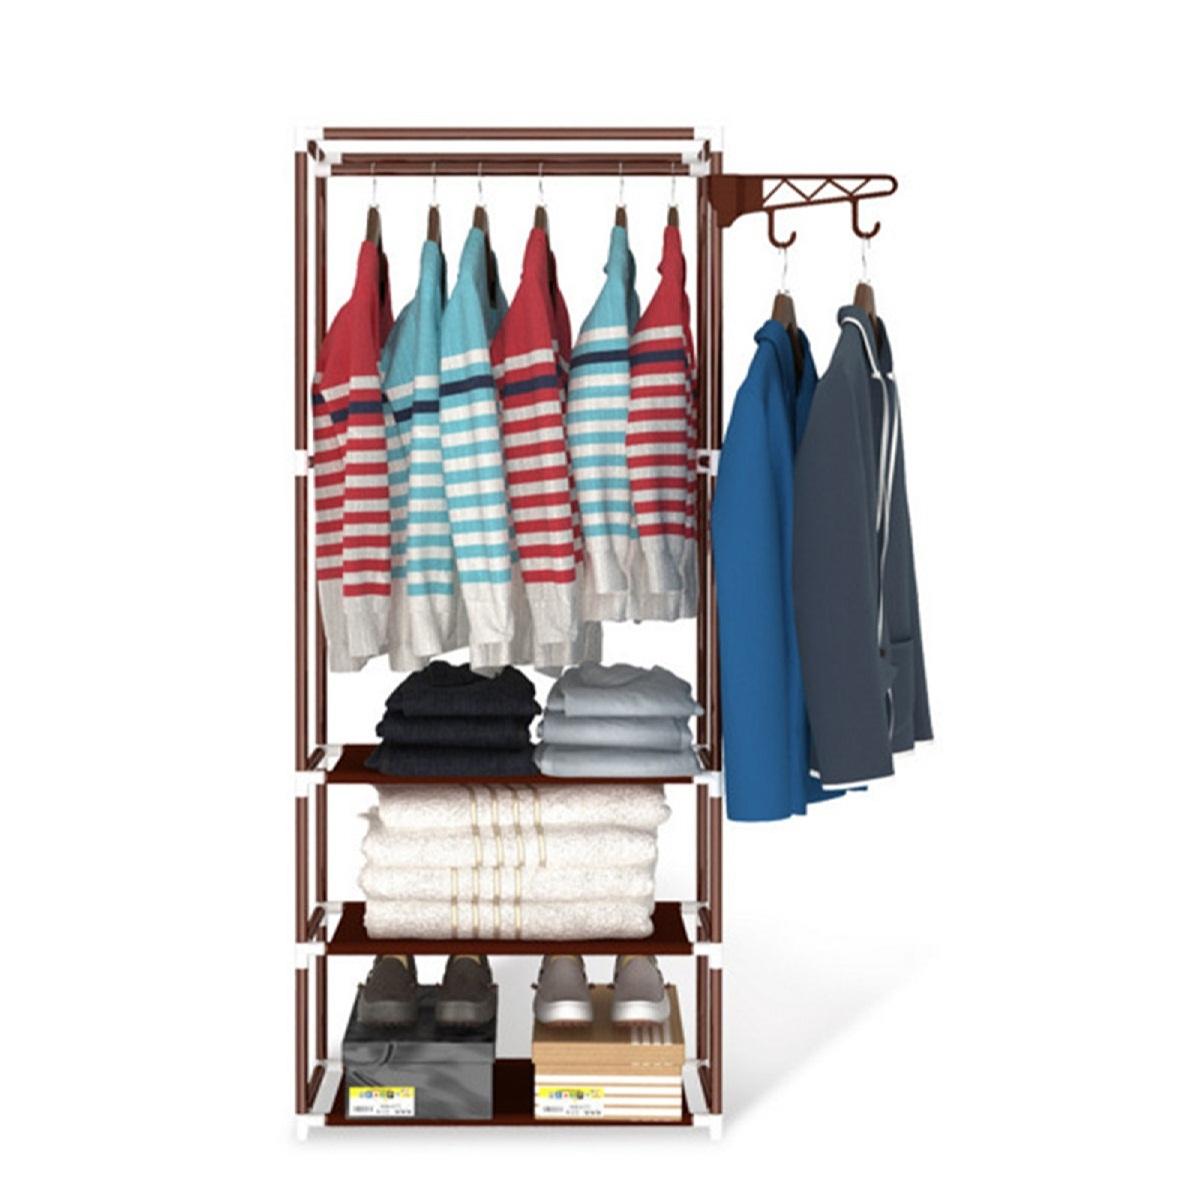 Kệ treo quần áo đa năng 3 tầng (Giao màu ngẫu nhiên)